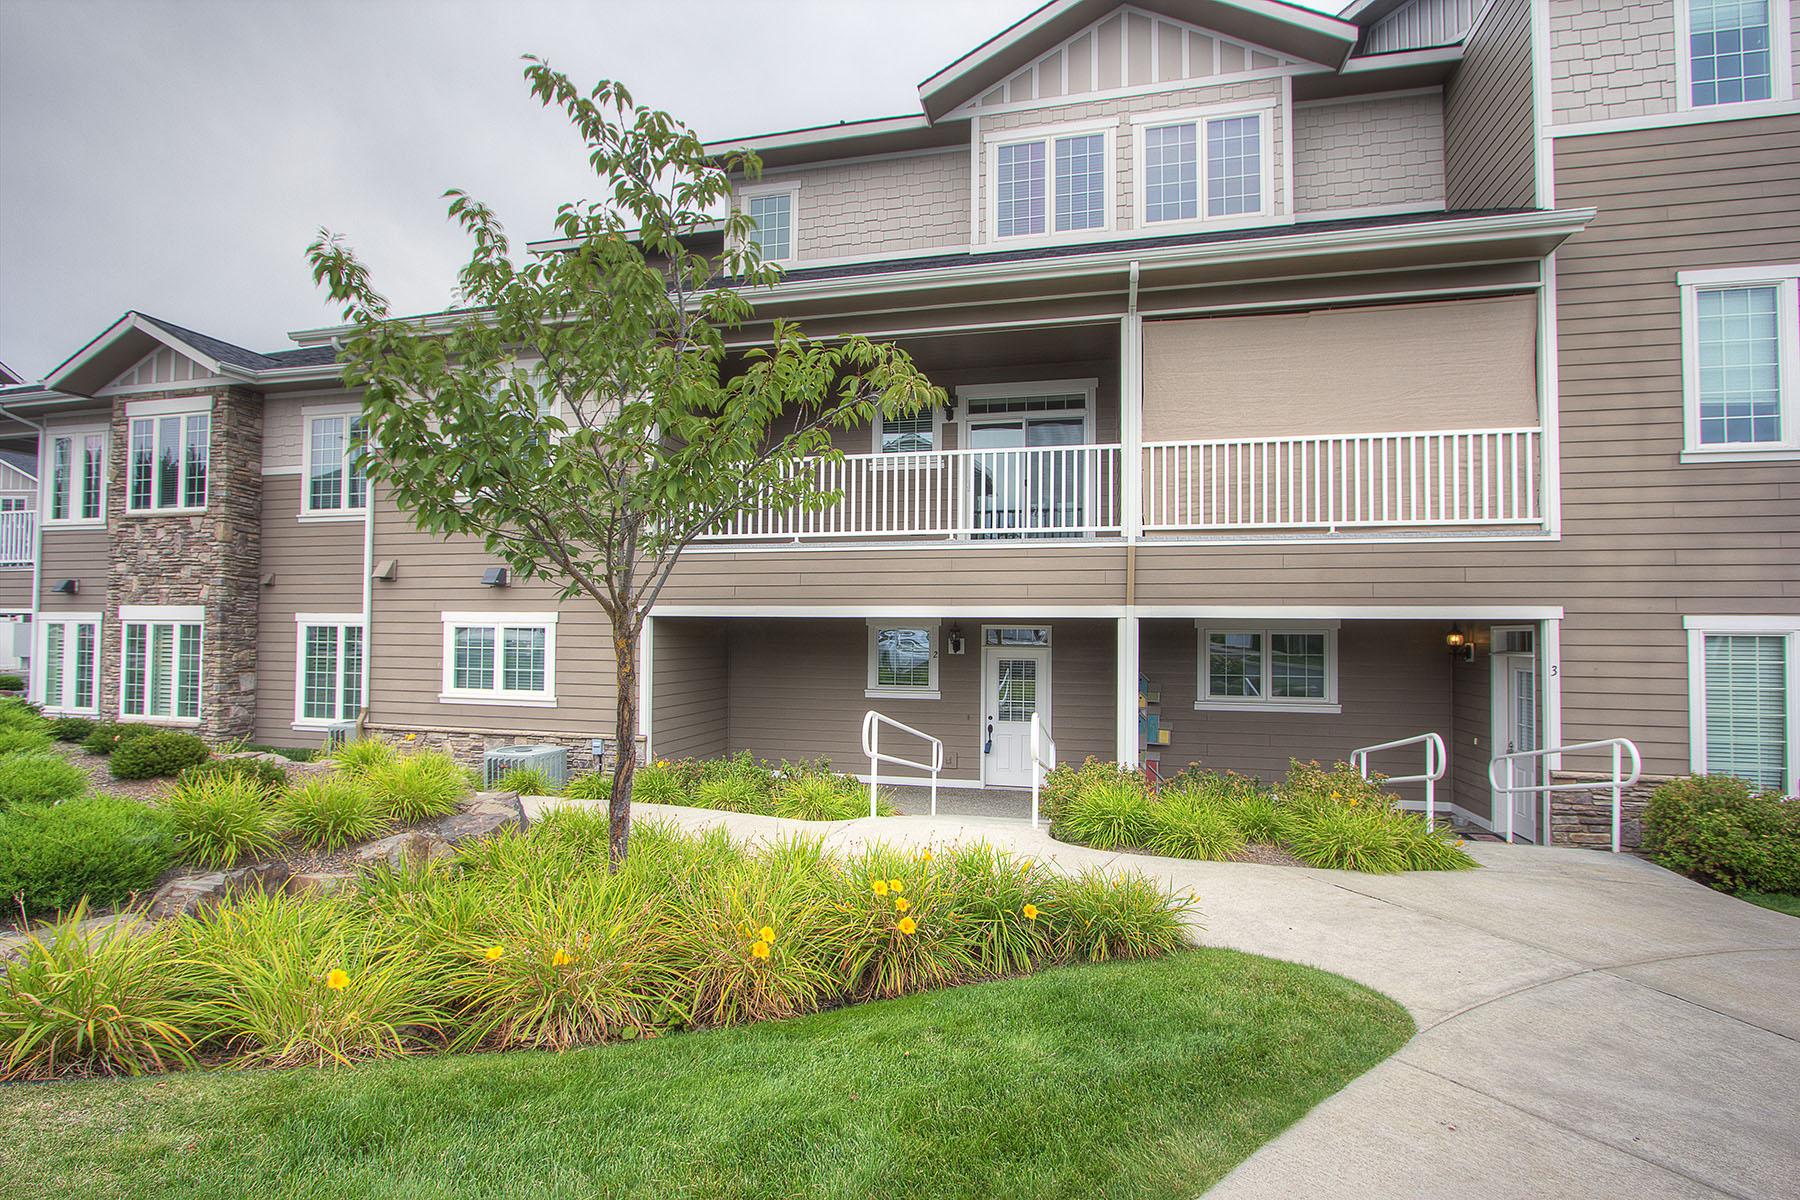 Maison unifamiliale pour l Vente à Mill River Condos 4457 W Greenchain Loop #2 Coeur D Alene, Idaho 83814 États-Unis